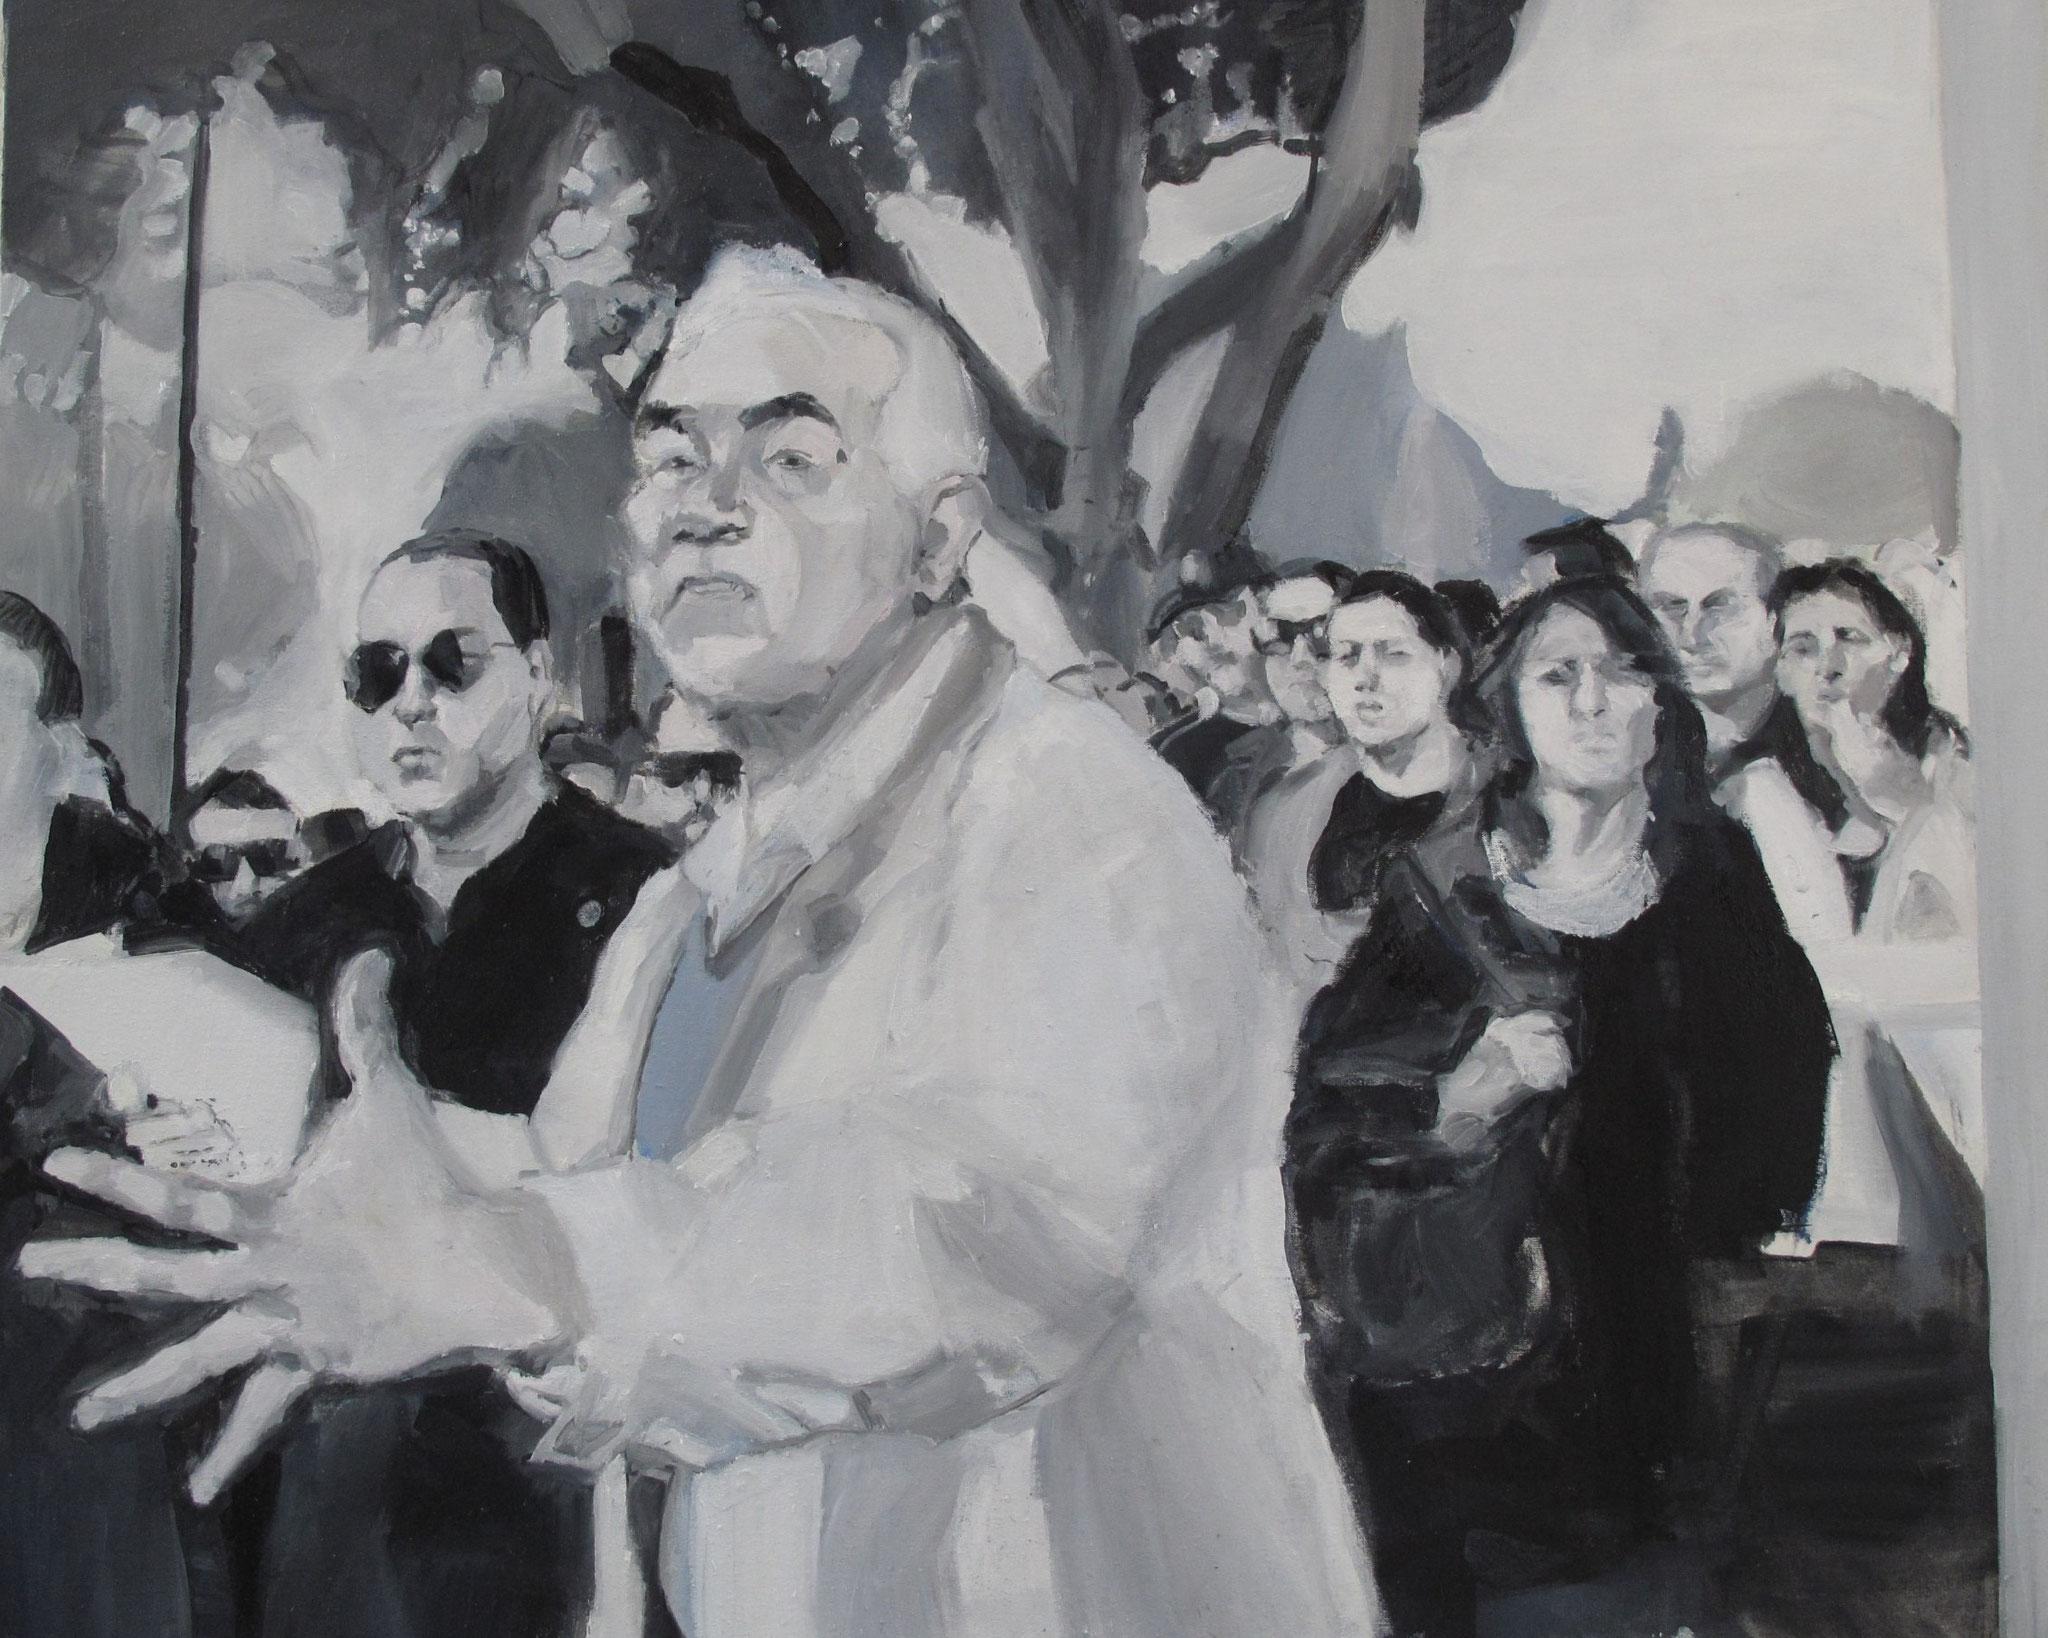 Sans titre (Crise économique grecque) - Journaux, Huile sur toile, 2013, 81 x 65 cm